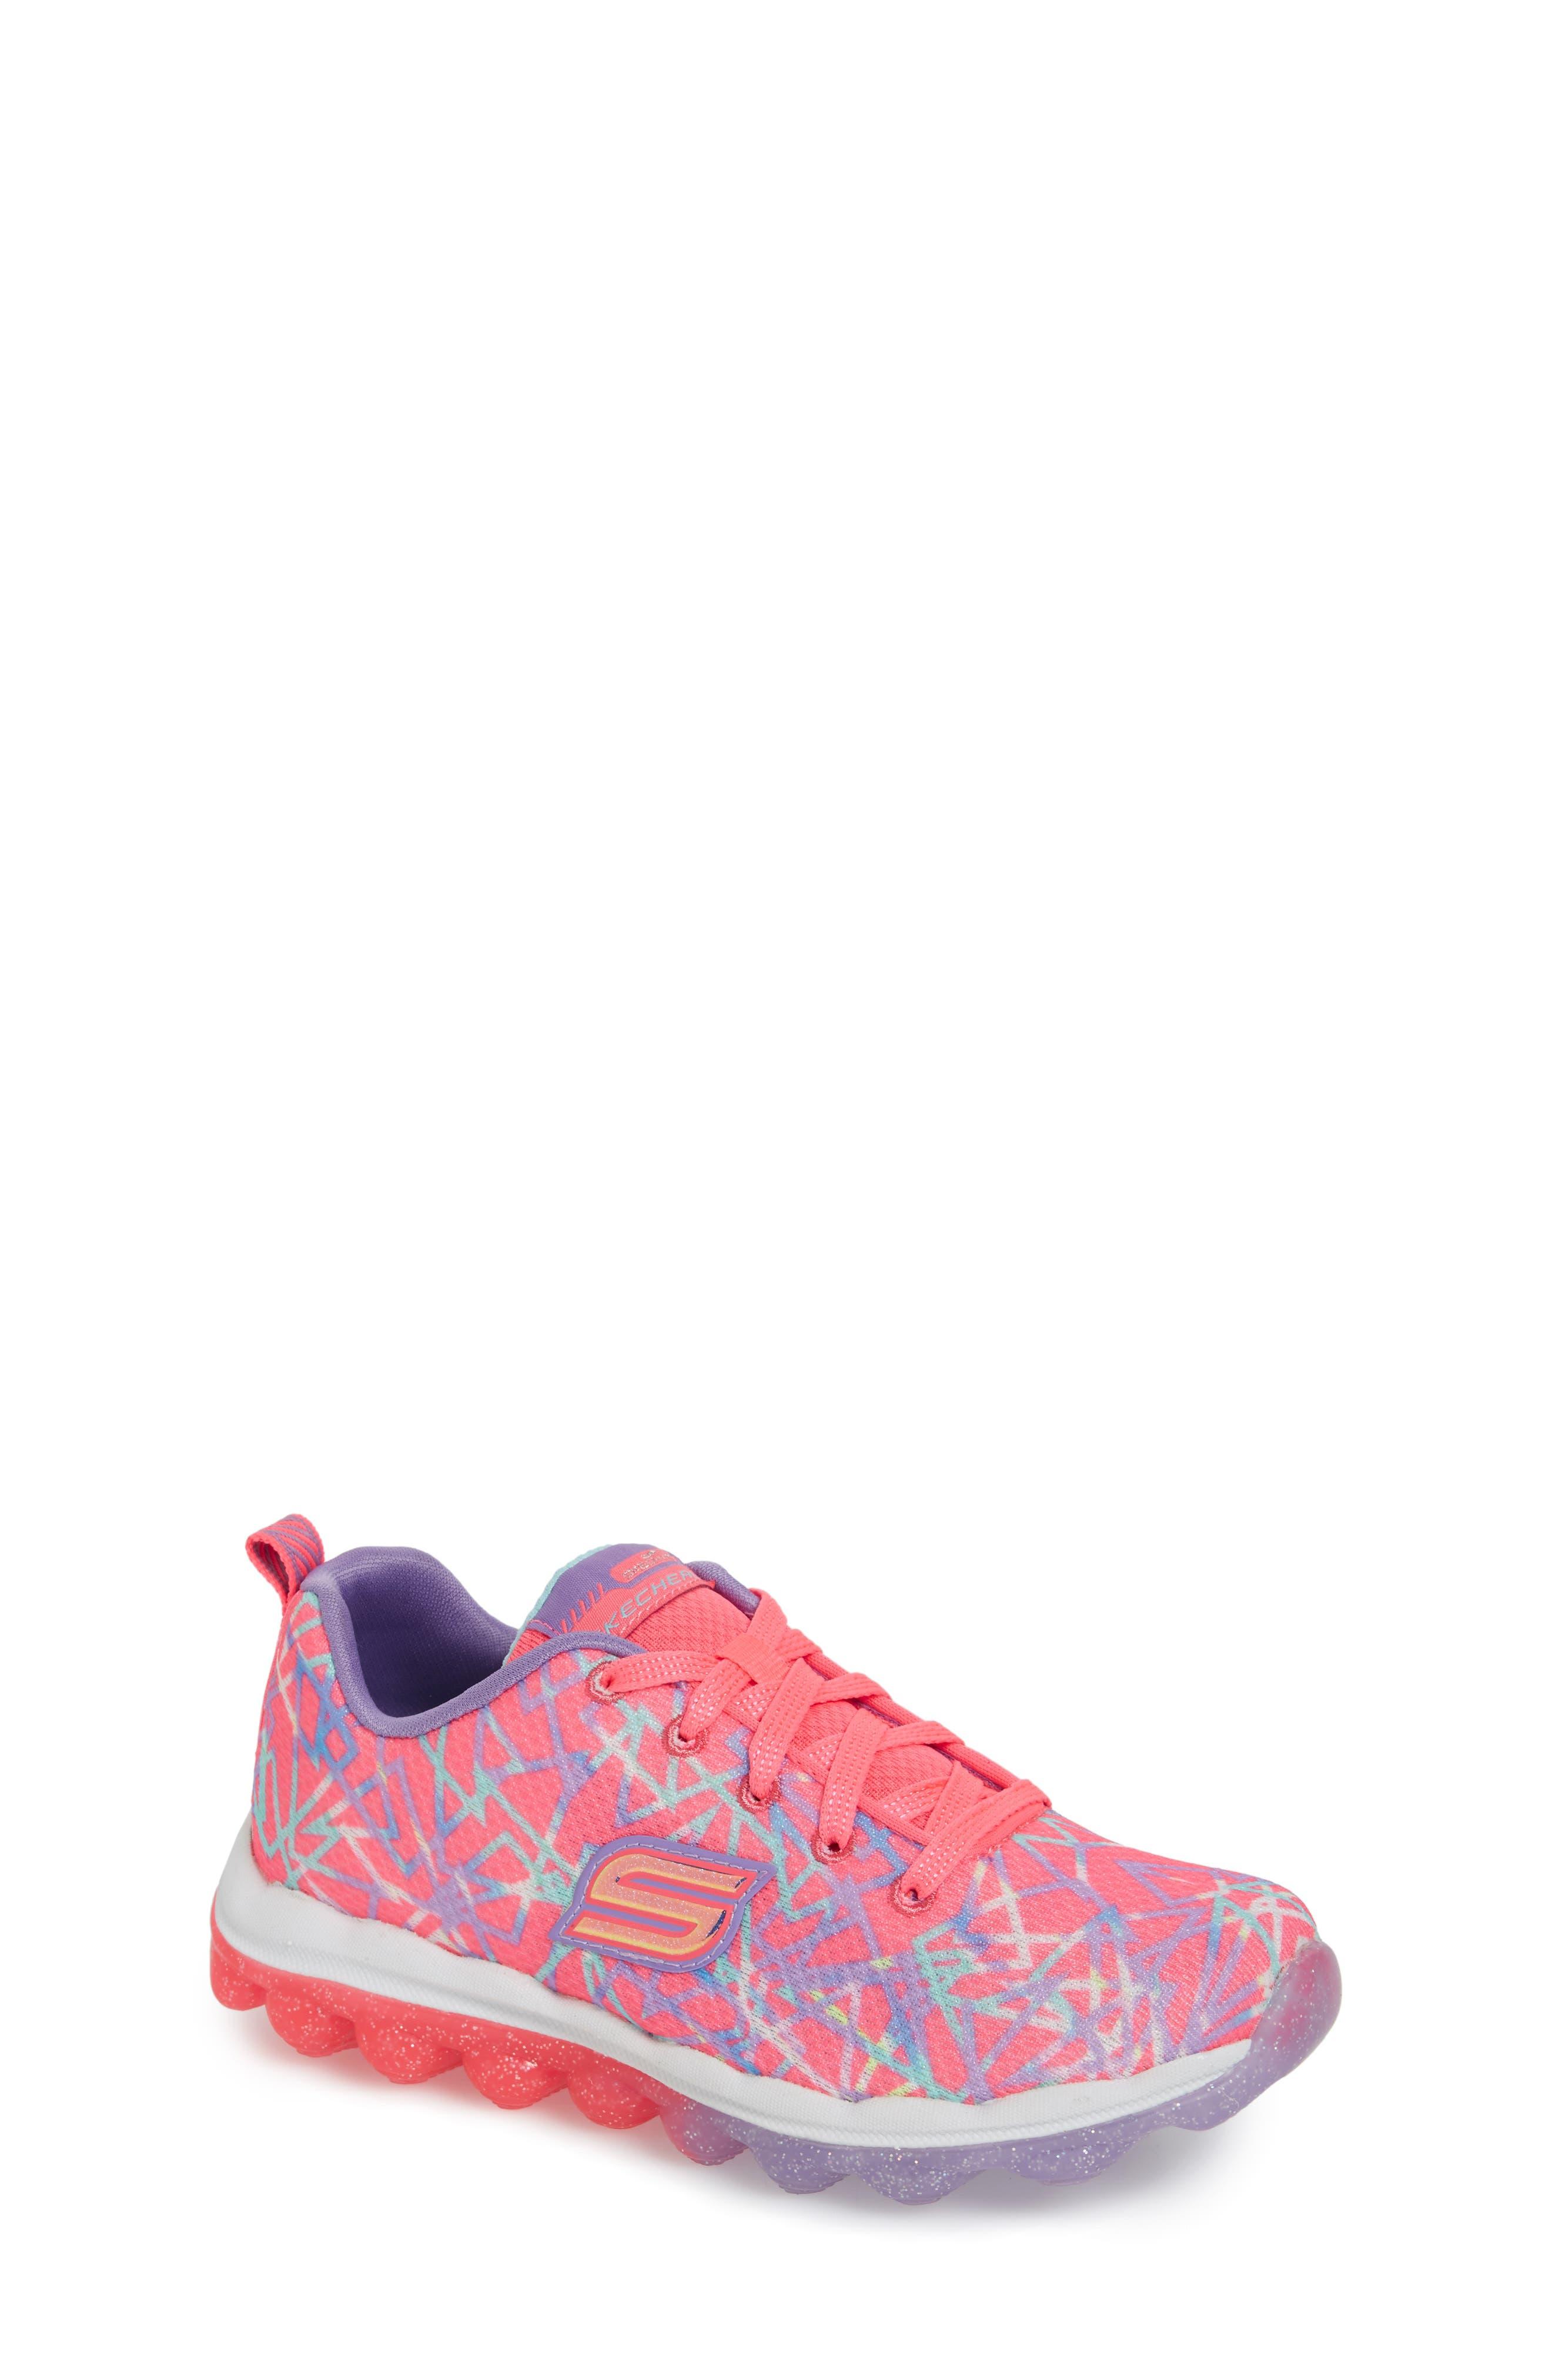 Skech-Air Sneaker,                             Main thumbnail 1, color,                             650